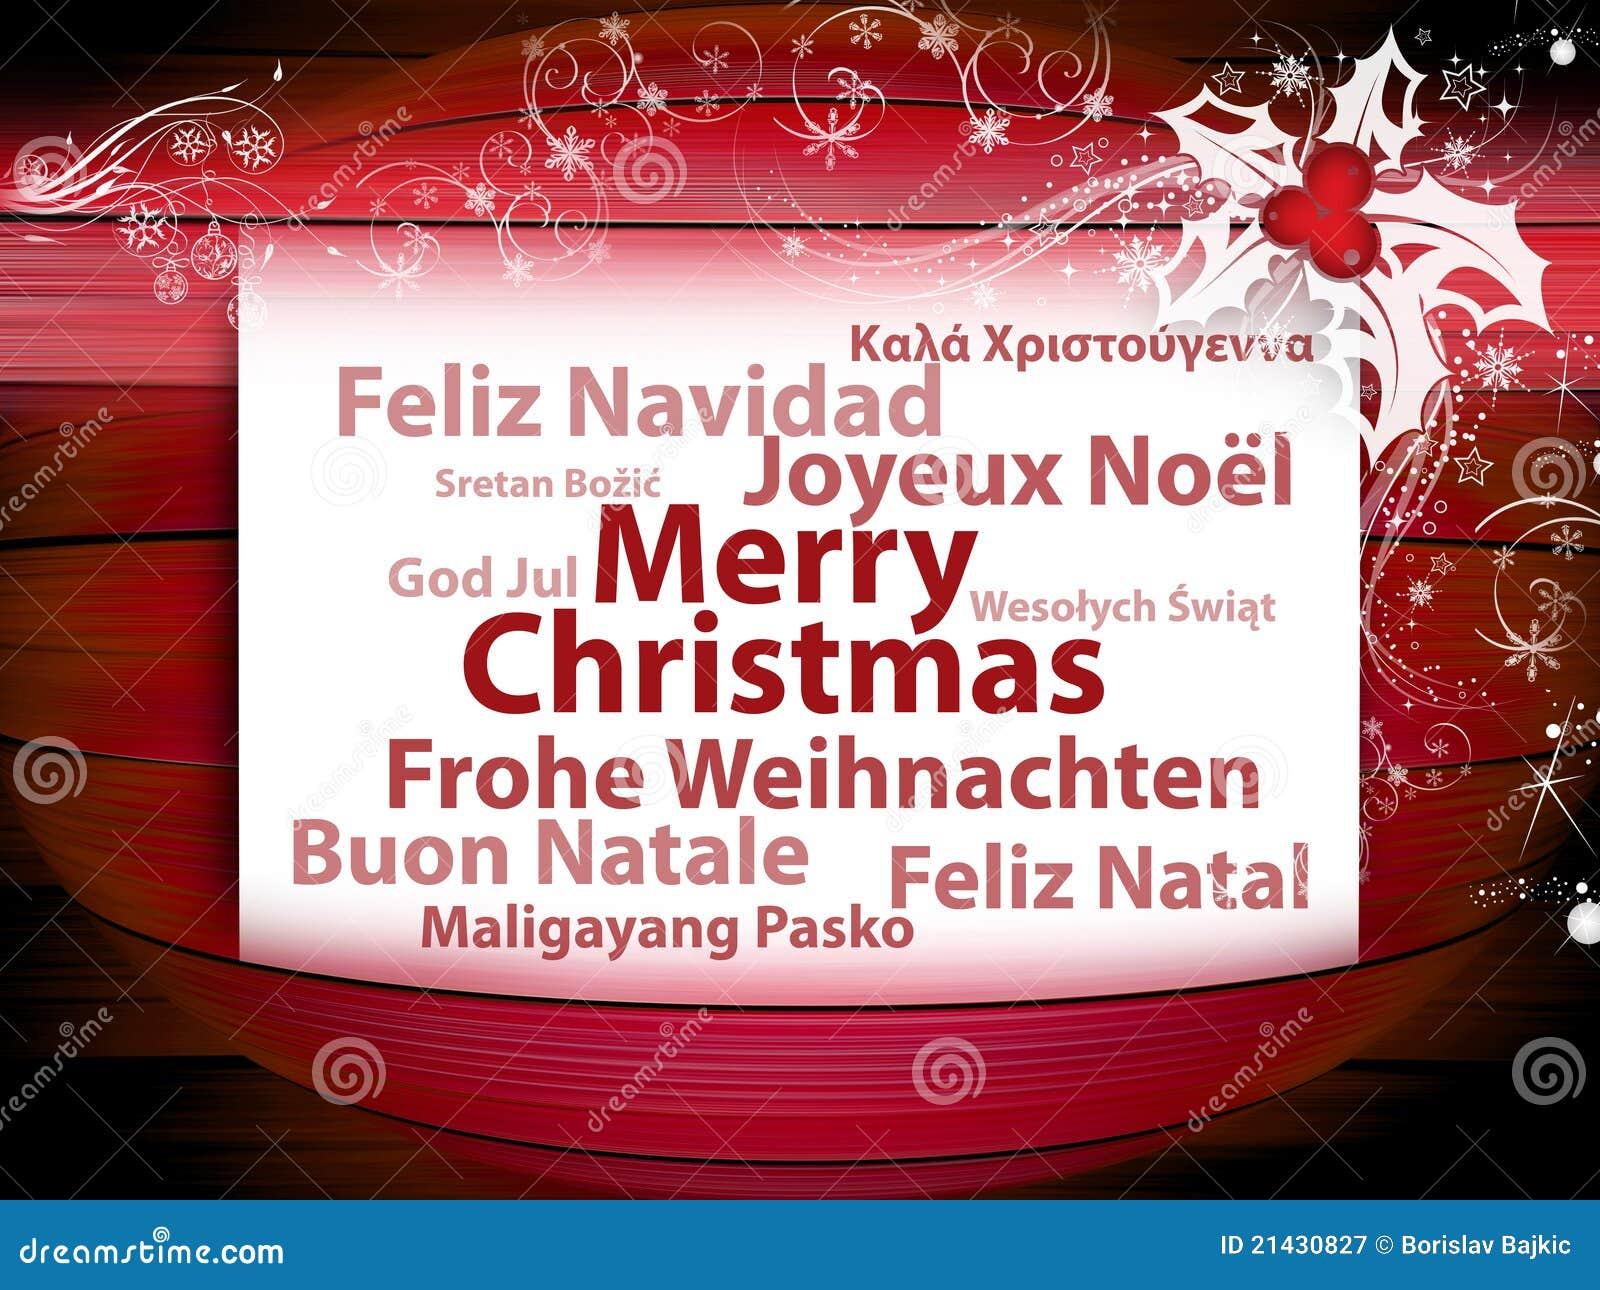 weihnachtsgr e lizenzfreie stockfotografie bild 21430827